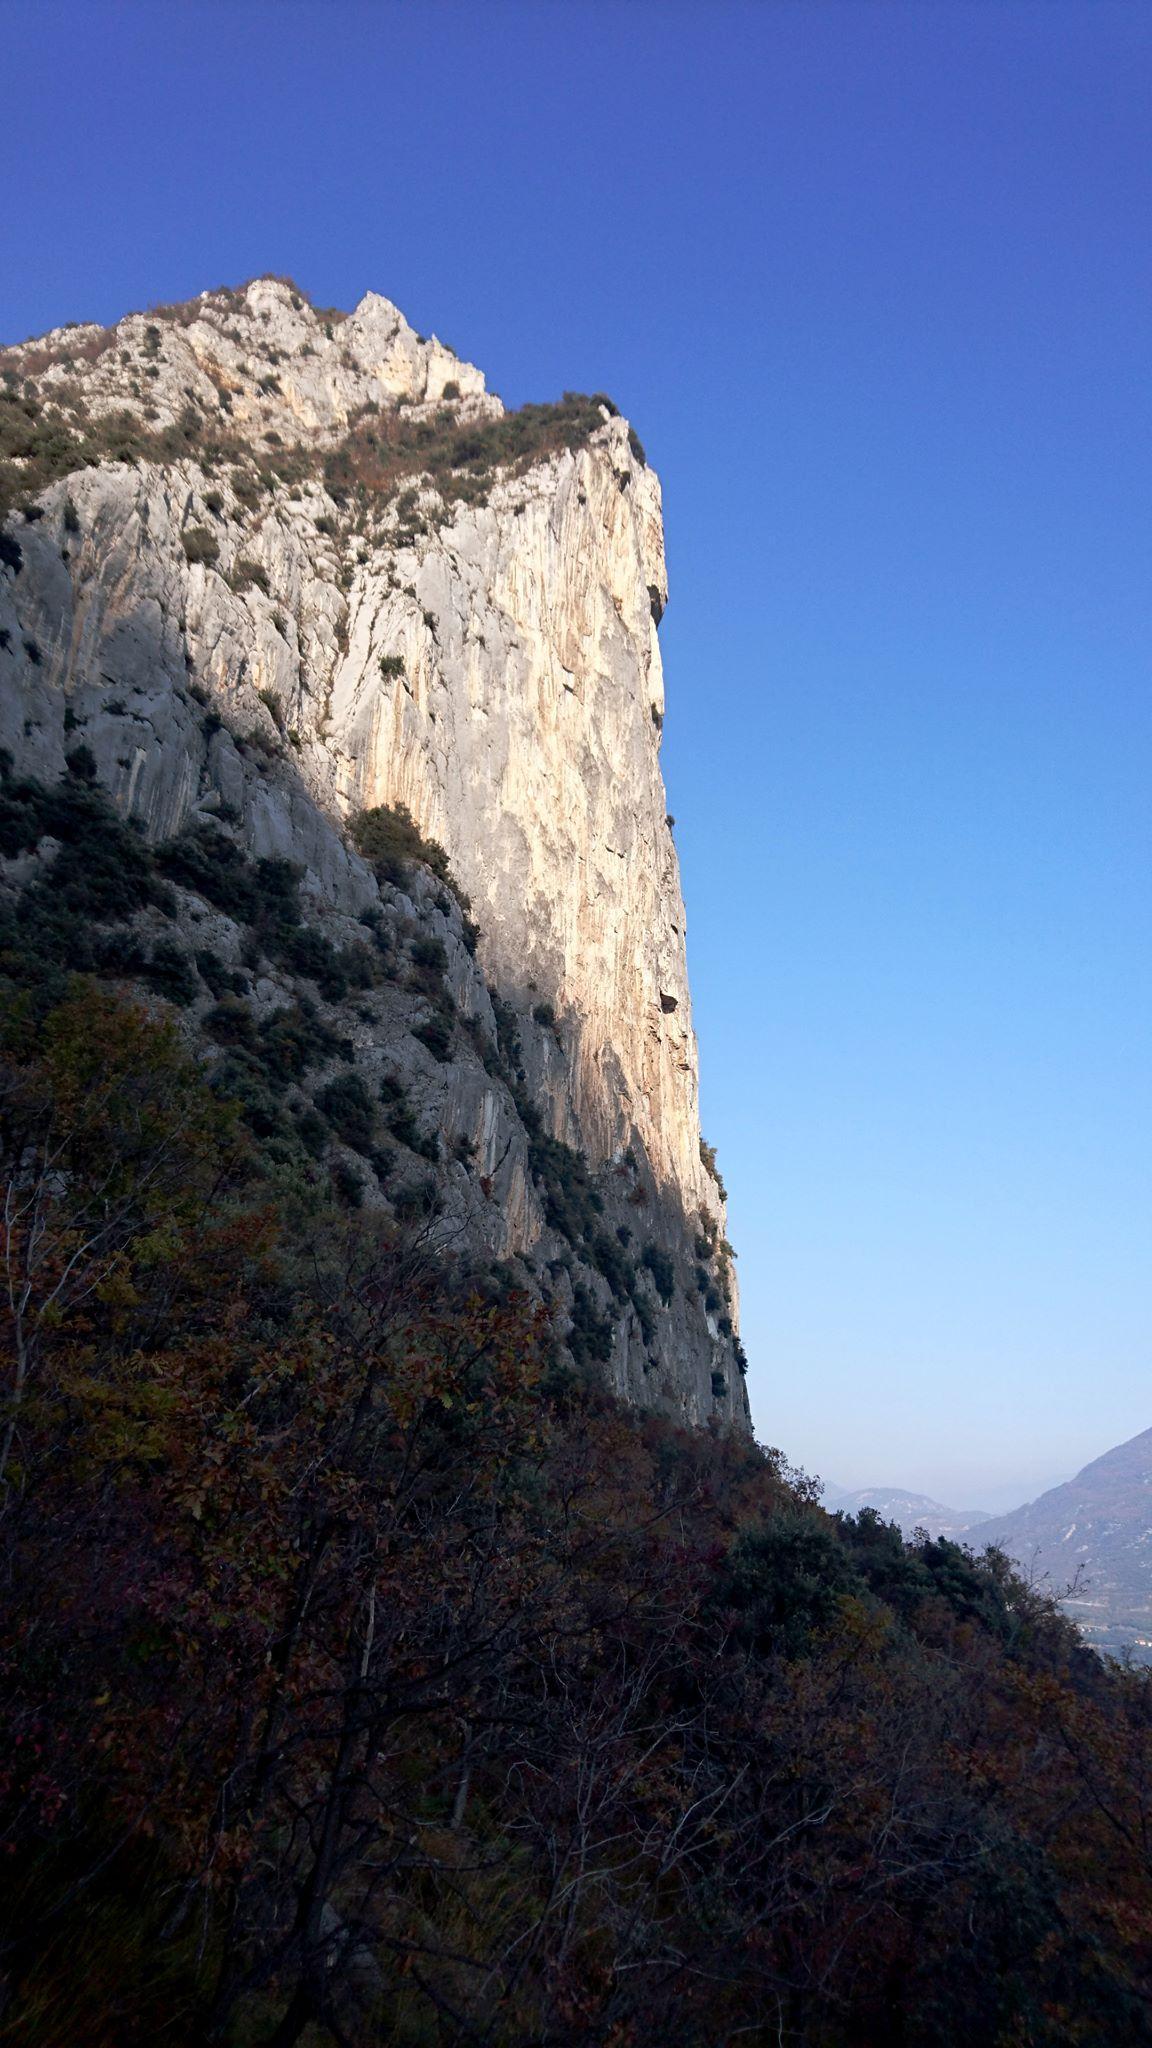 il punto più a picco della montagna, angolo con vie di arrampicata belle toste e utilizzato anche dai base jumpers per lanciarsi nel vuoto